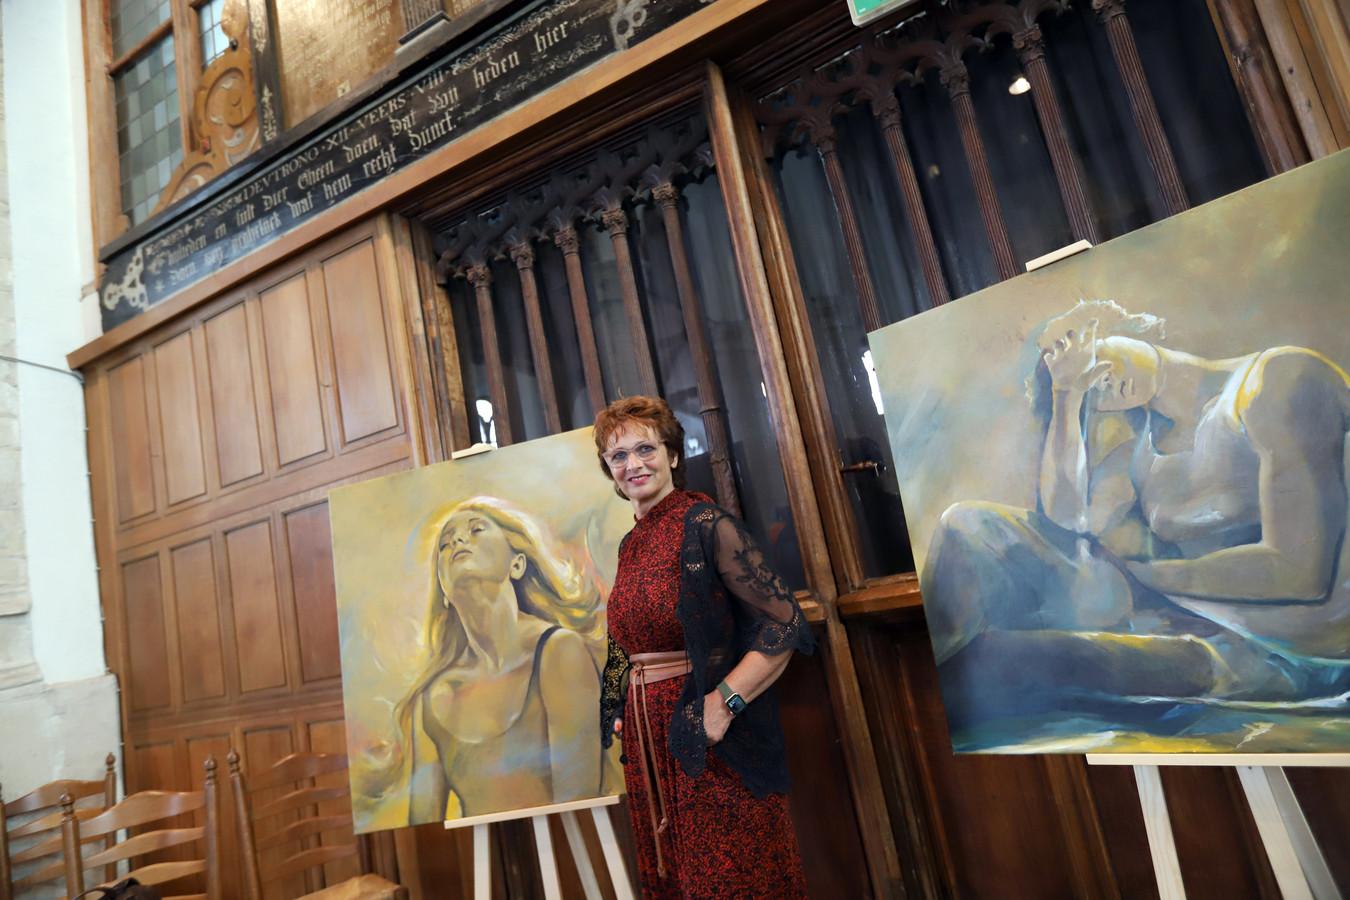 Elma van 't Hof uit Hellevoetsluis is een van de zeven kunstenaars die deze week in de kerk in Geervliet exposeert.